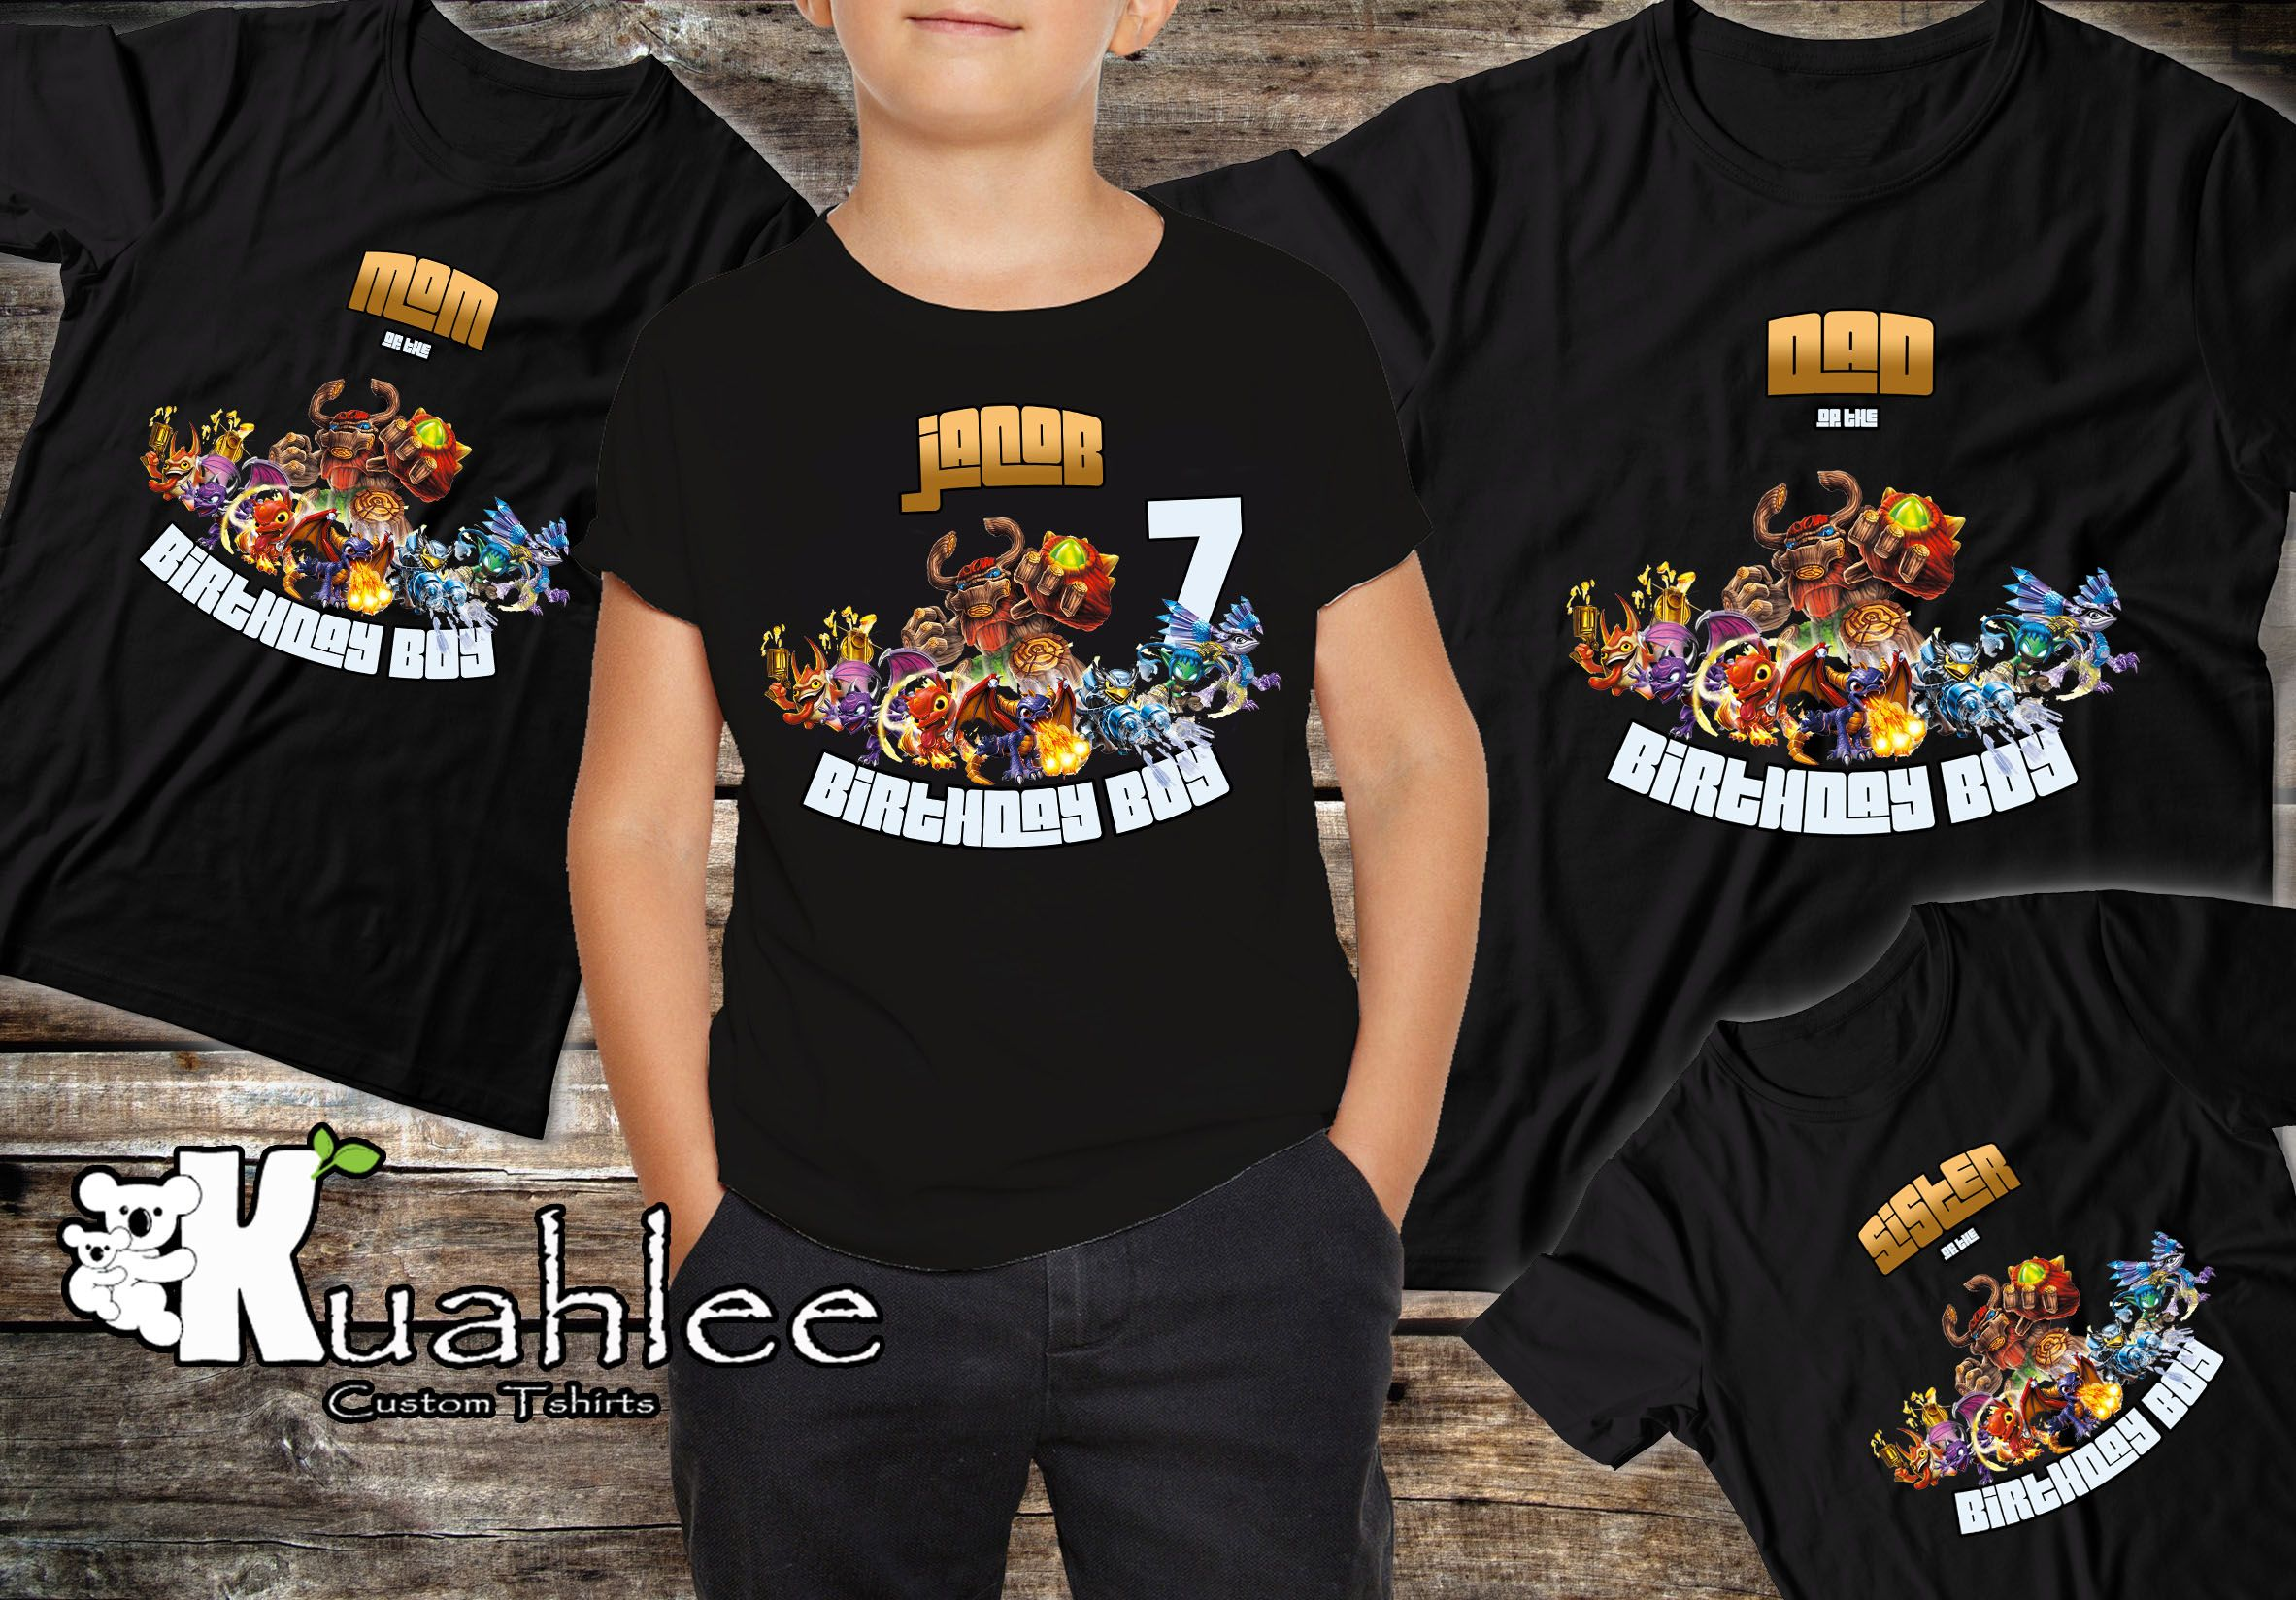 Skylander Birthday Party Boy Shirt Ideas 7th 8th 9th 10th